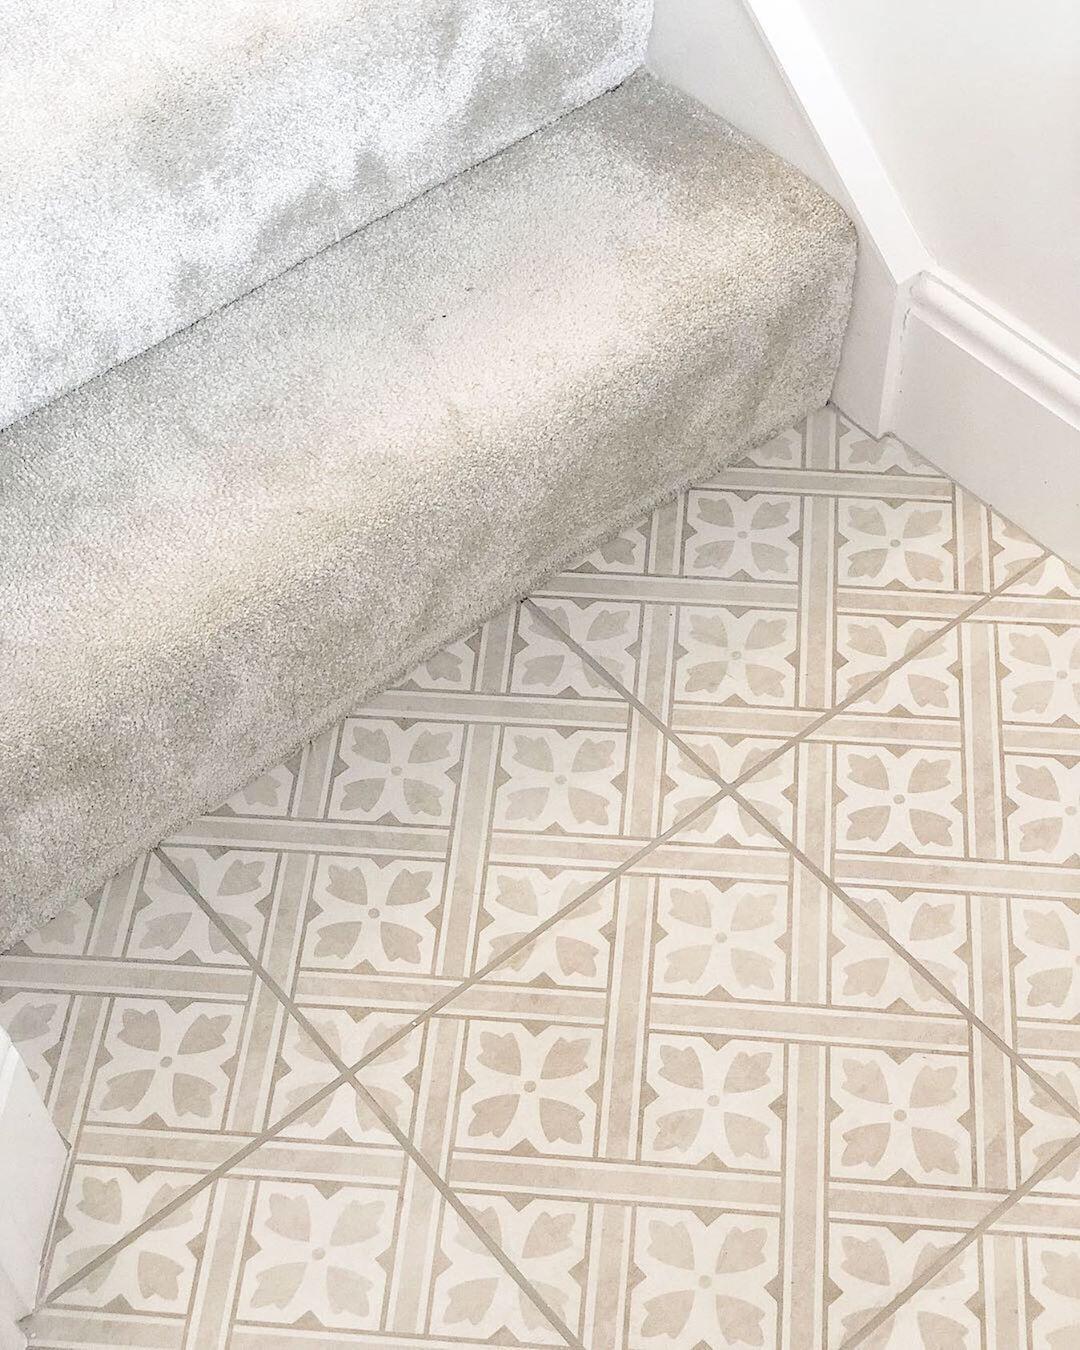 Tiles Tiles Tiles Choosing Tiles Is The Bain Of My Life I